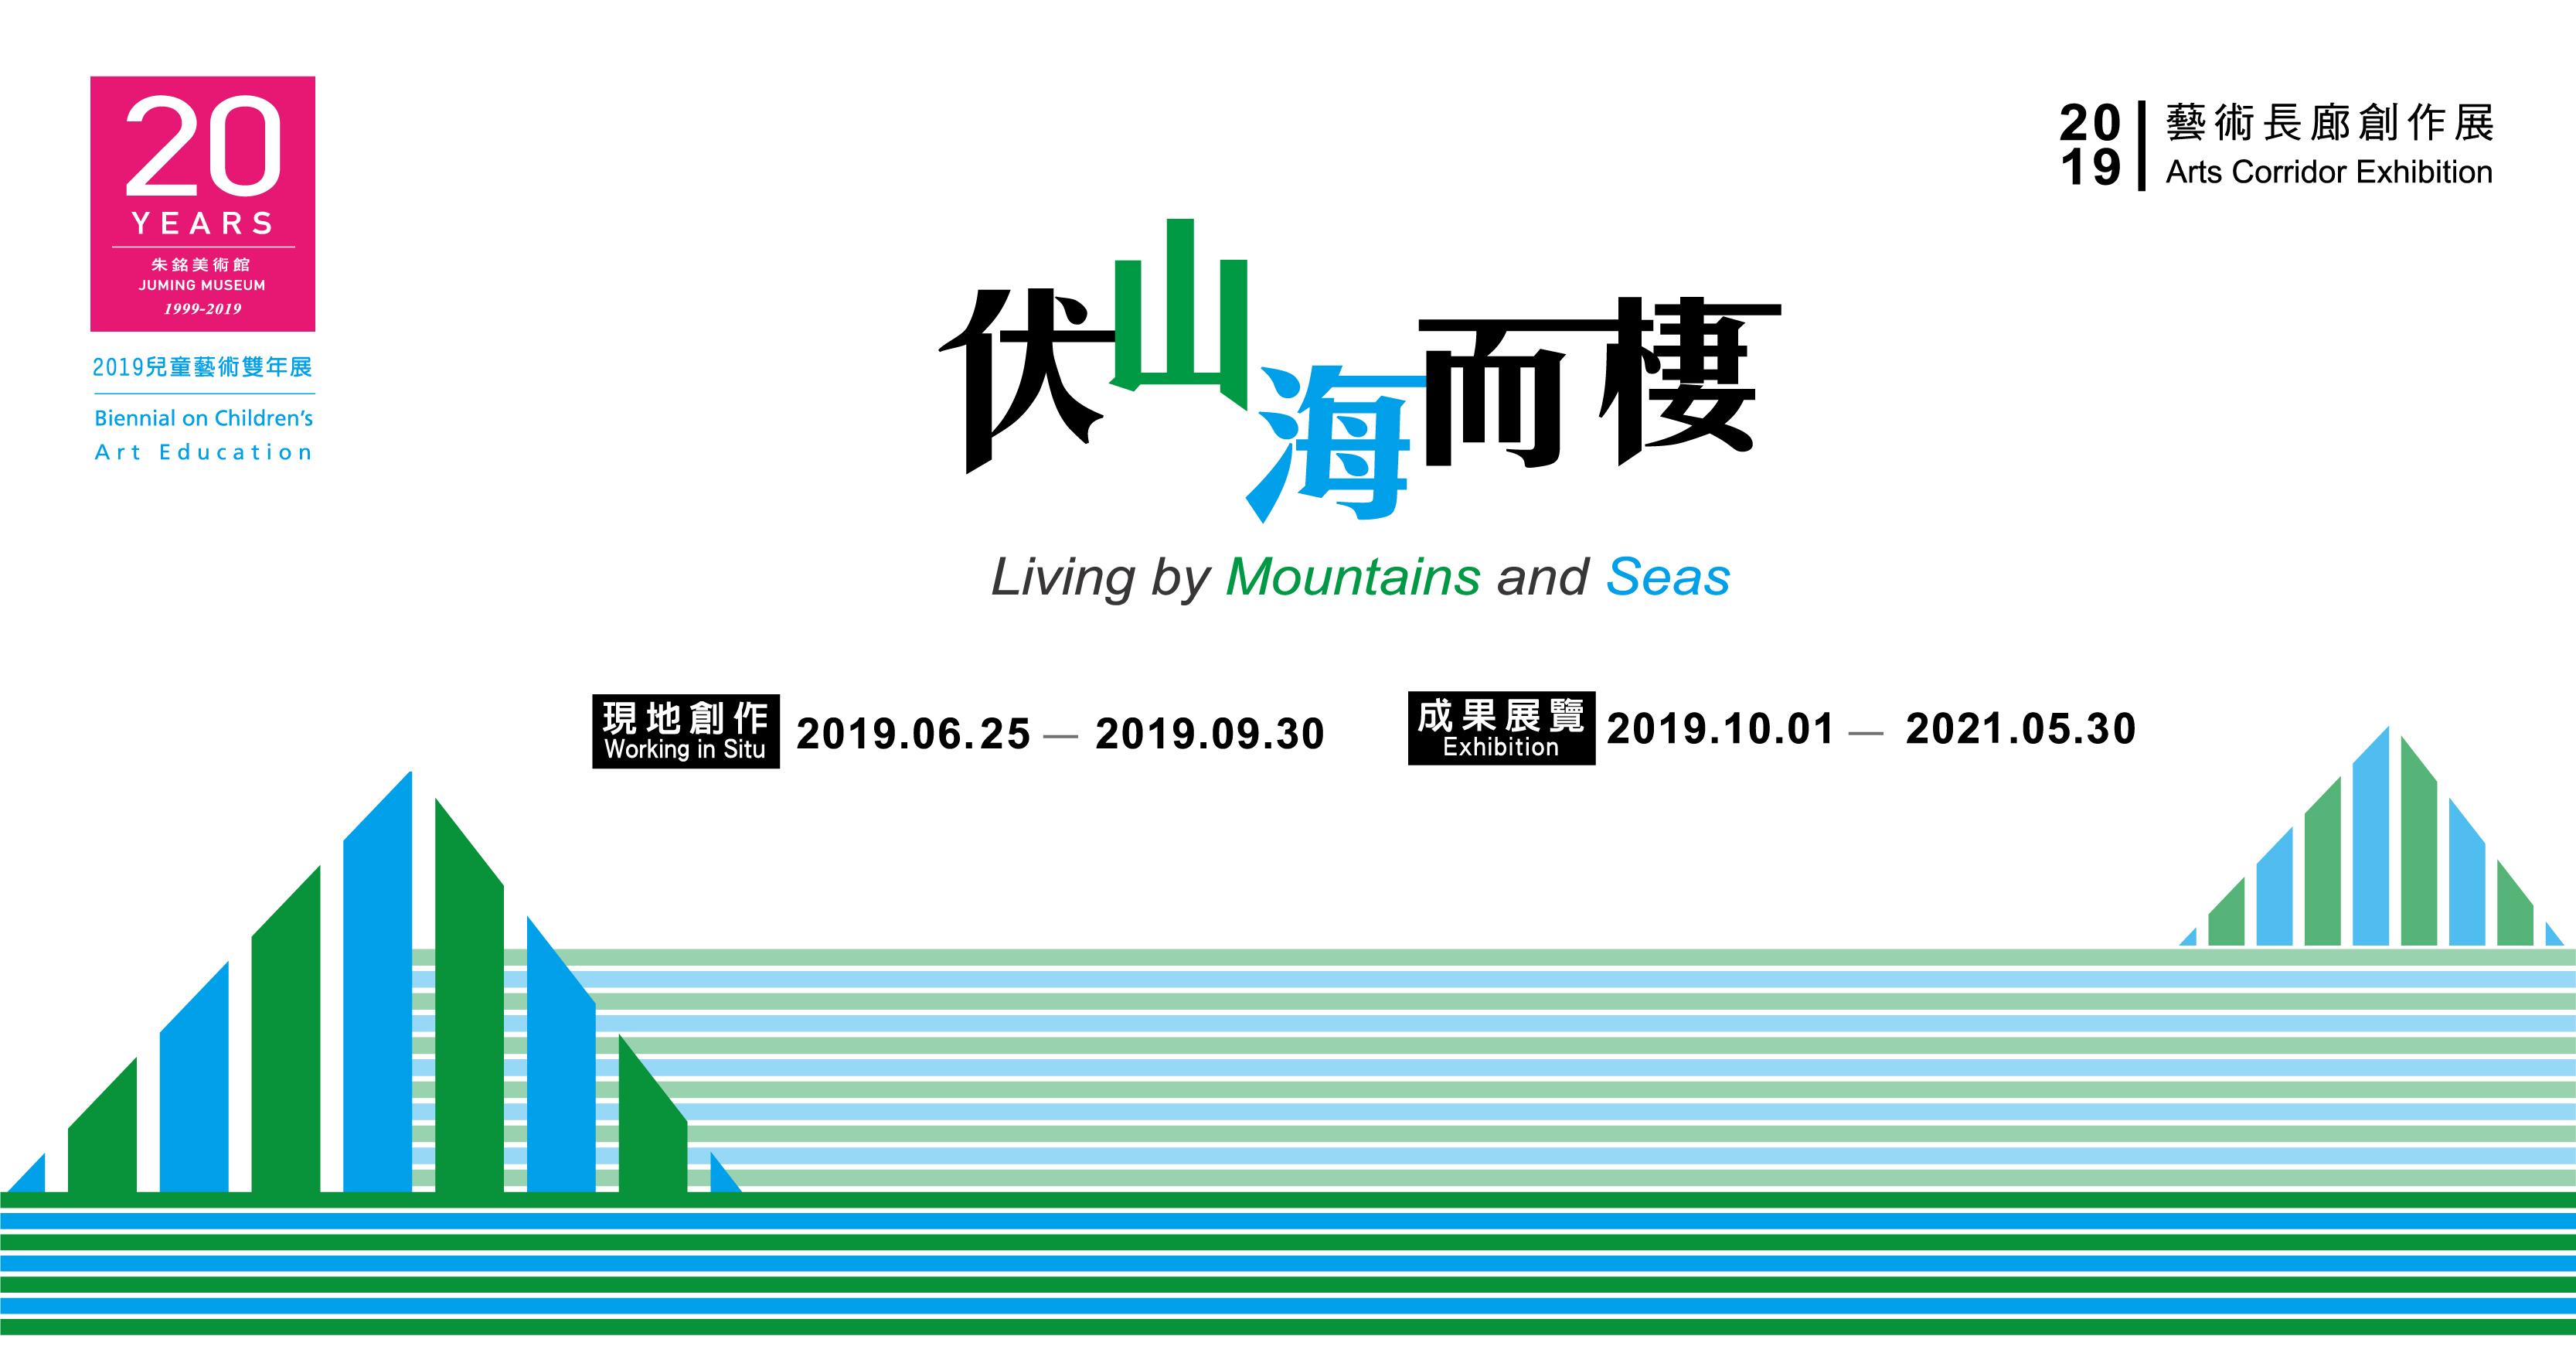 伏山海而棲-2019年藝術長廊創作展